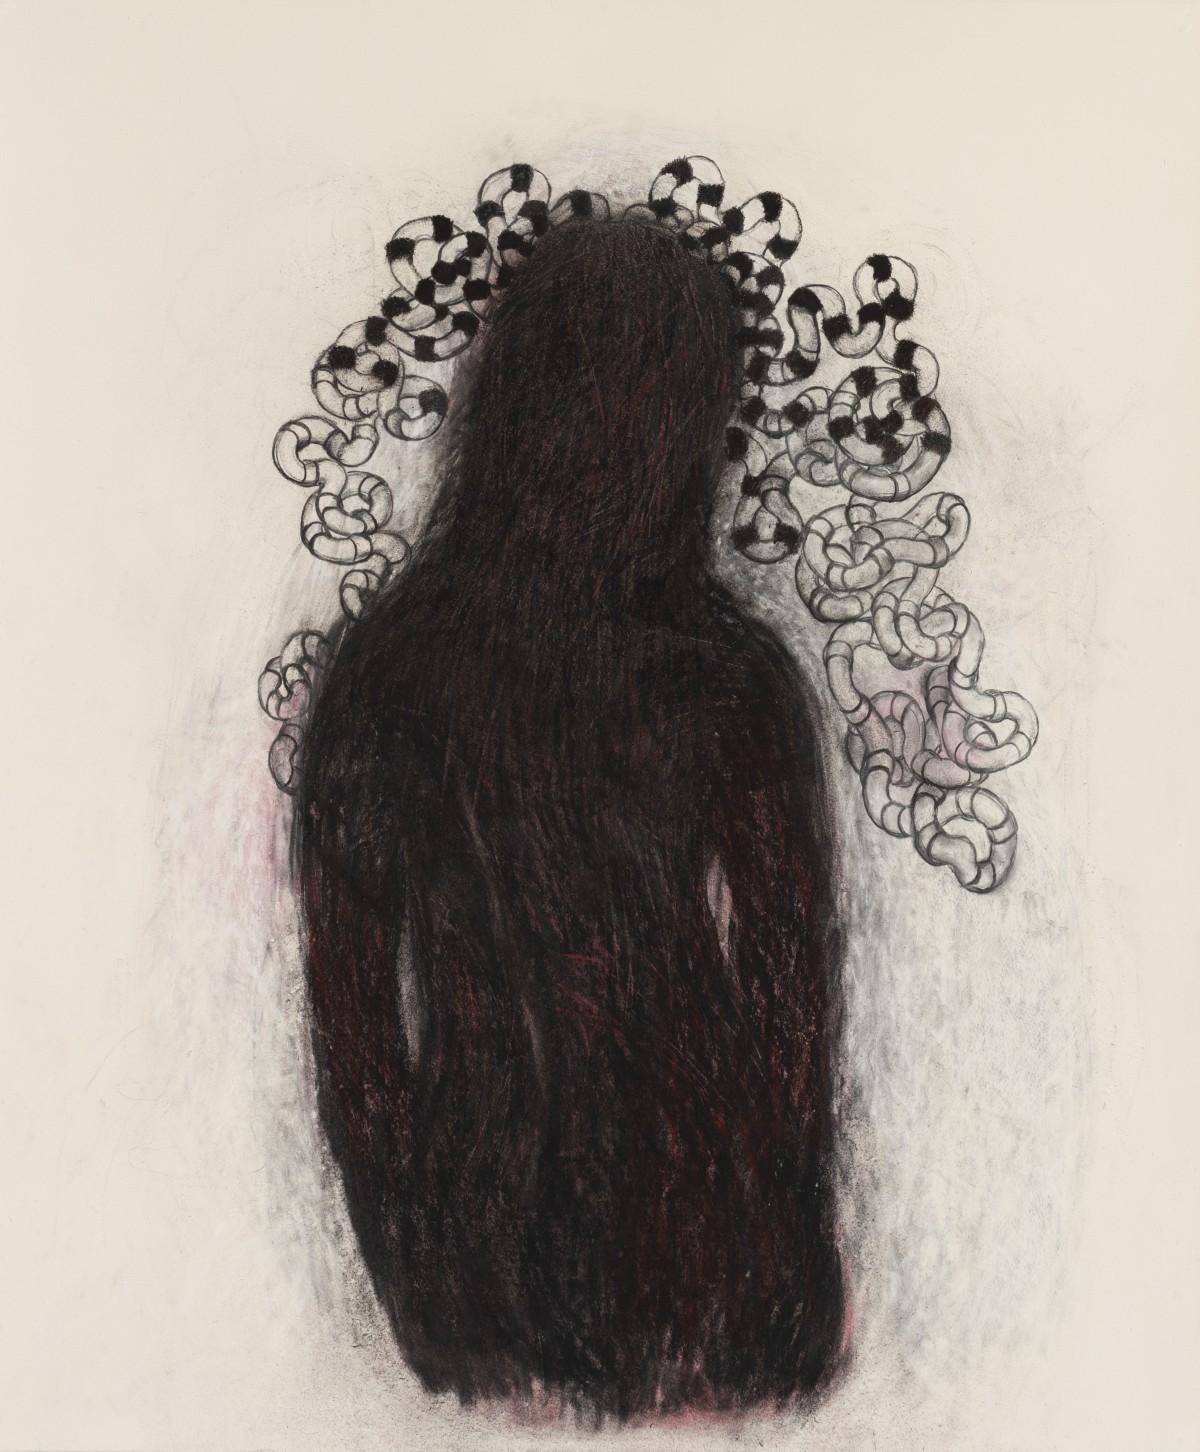 Queen of Worms